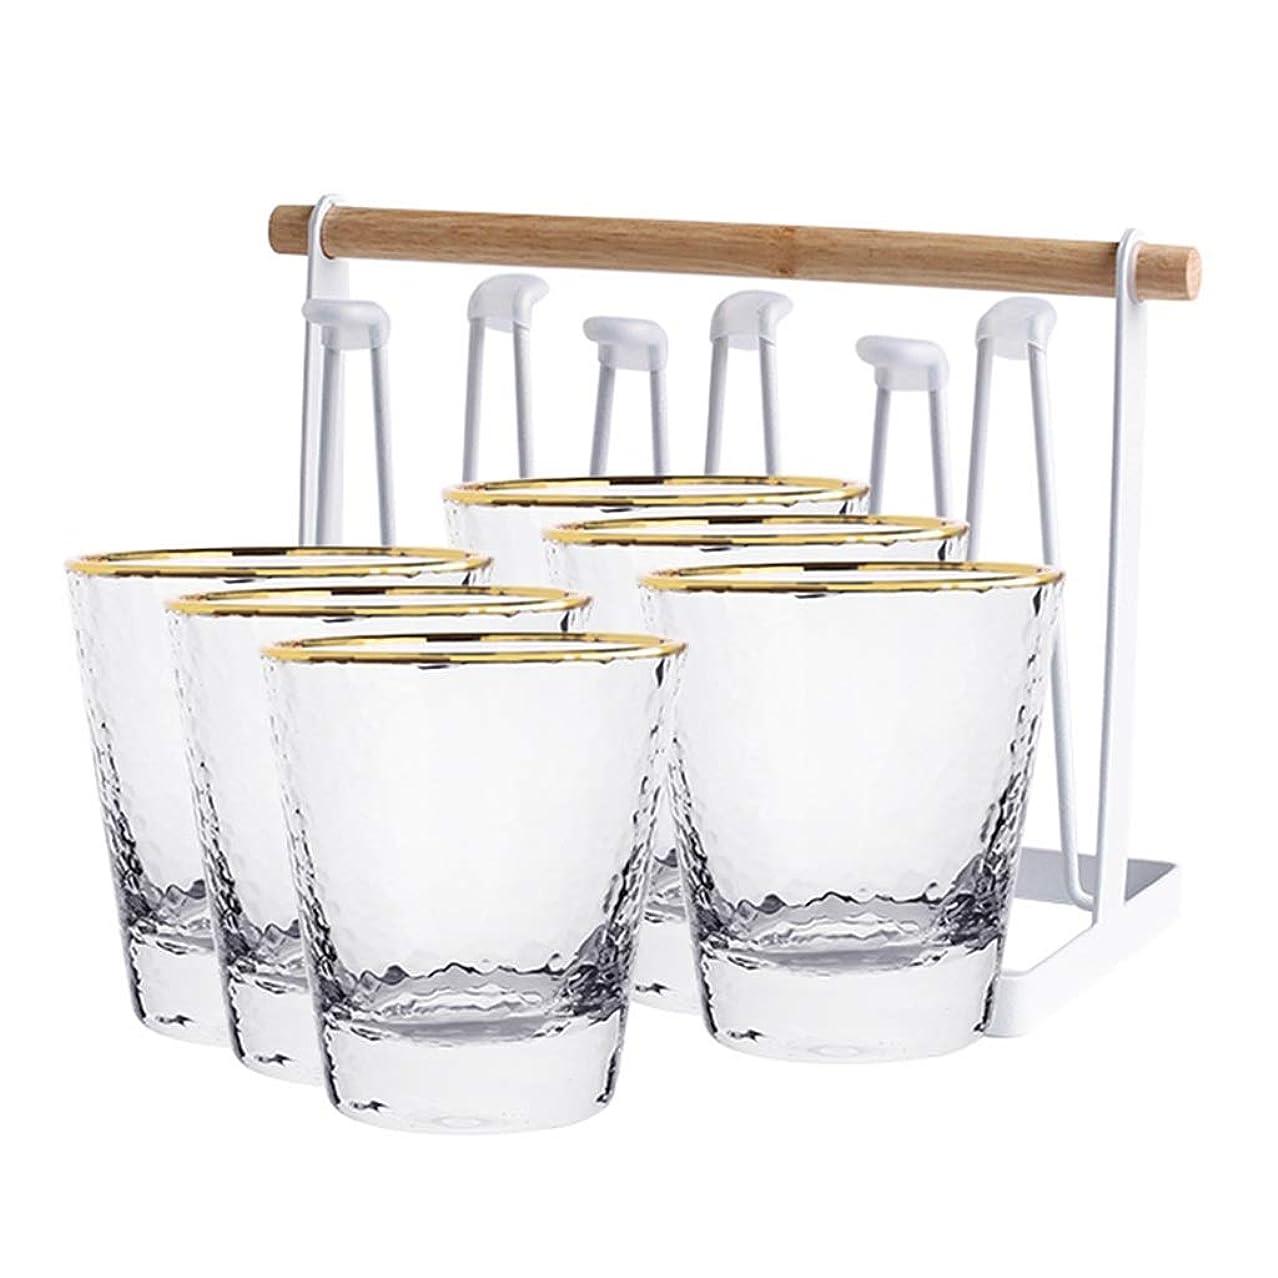 死の顎平和的有効なハンマーテクスチャカップ、シンプルなお湯カップホームリビングルームカップホスピタリティルーム会議室カップ容量300ミリリットル (色 : クリア)